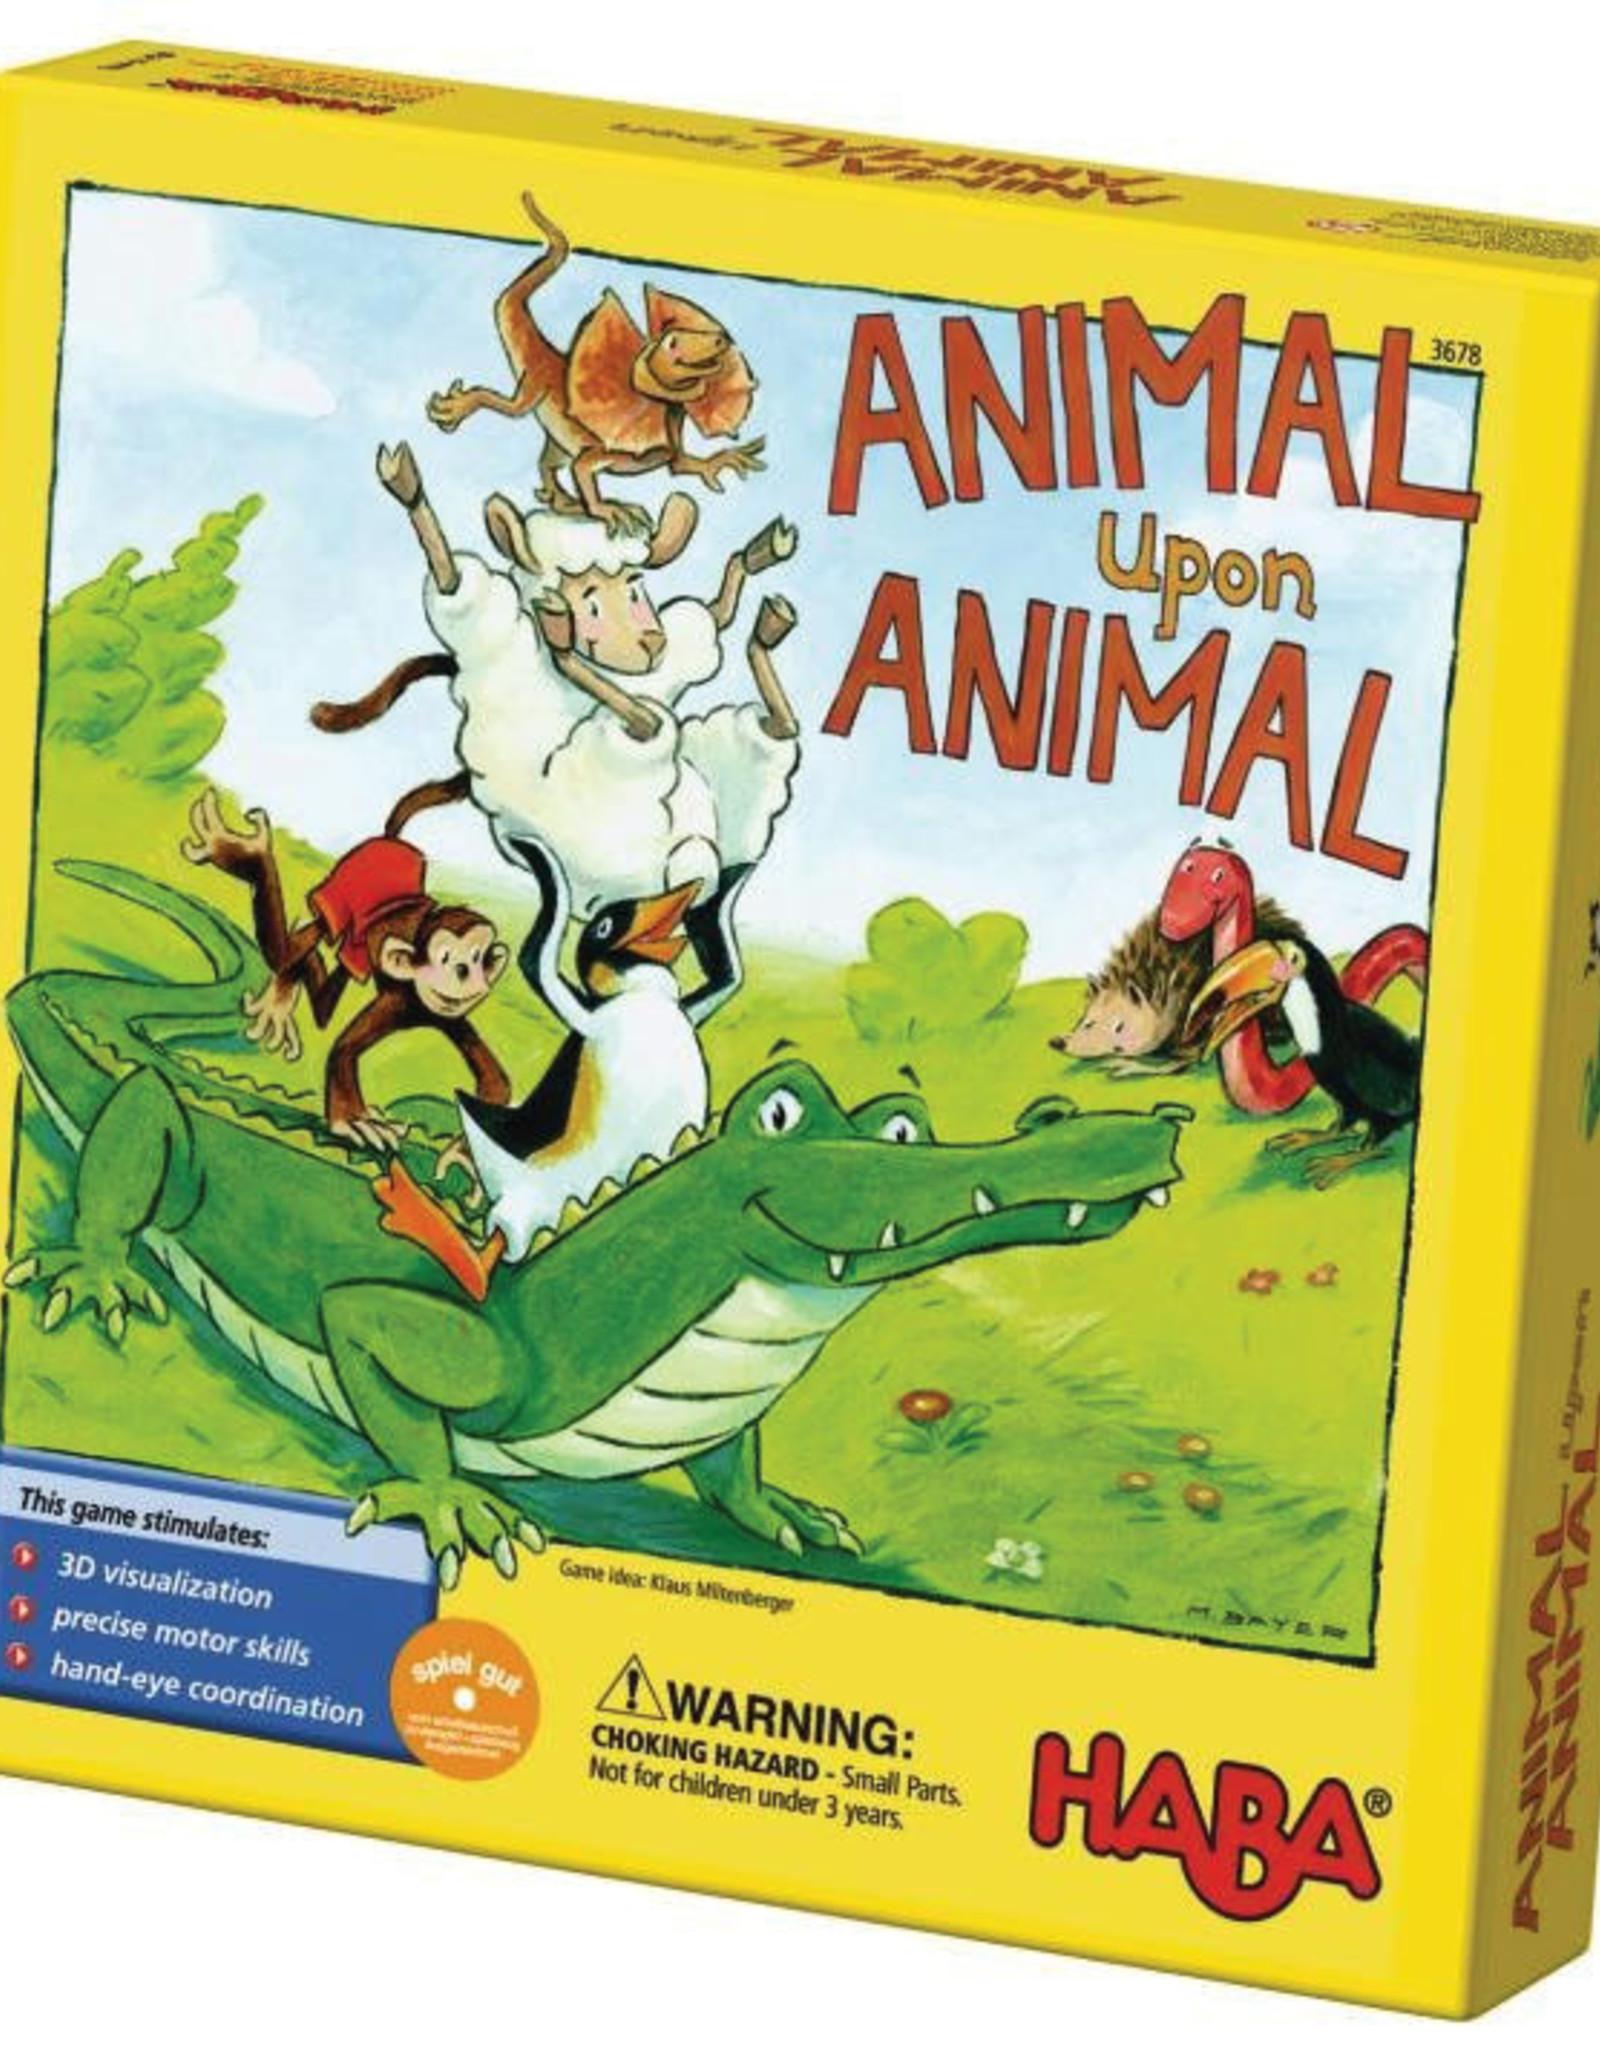 HABA Animal upon Animal